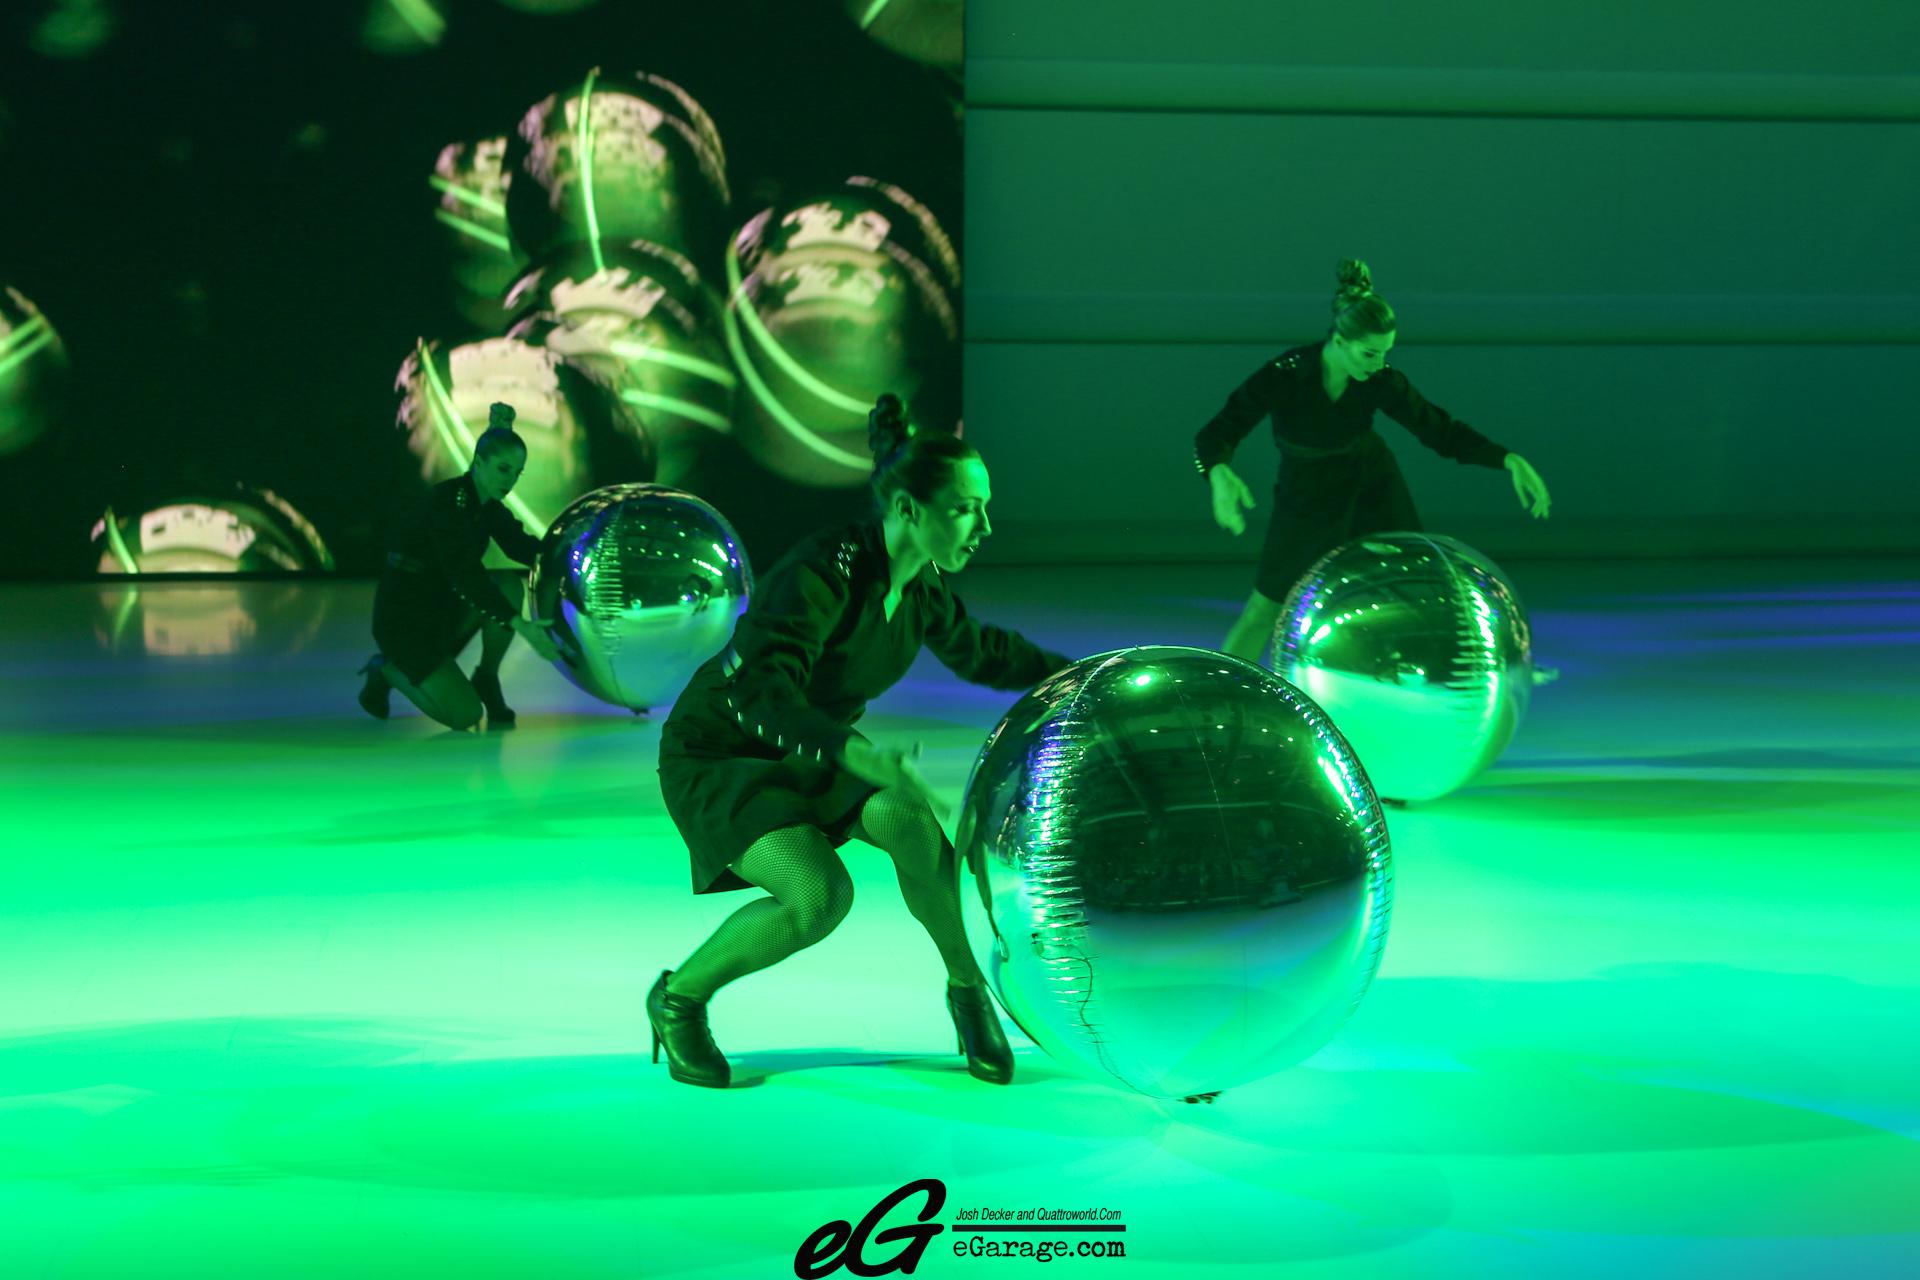 8030384578 4e88bf1bfa o 2012 Paris Motor Show